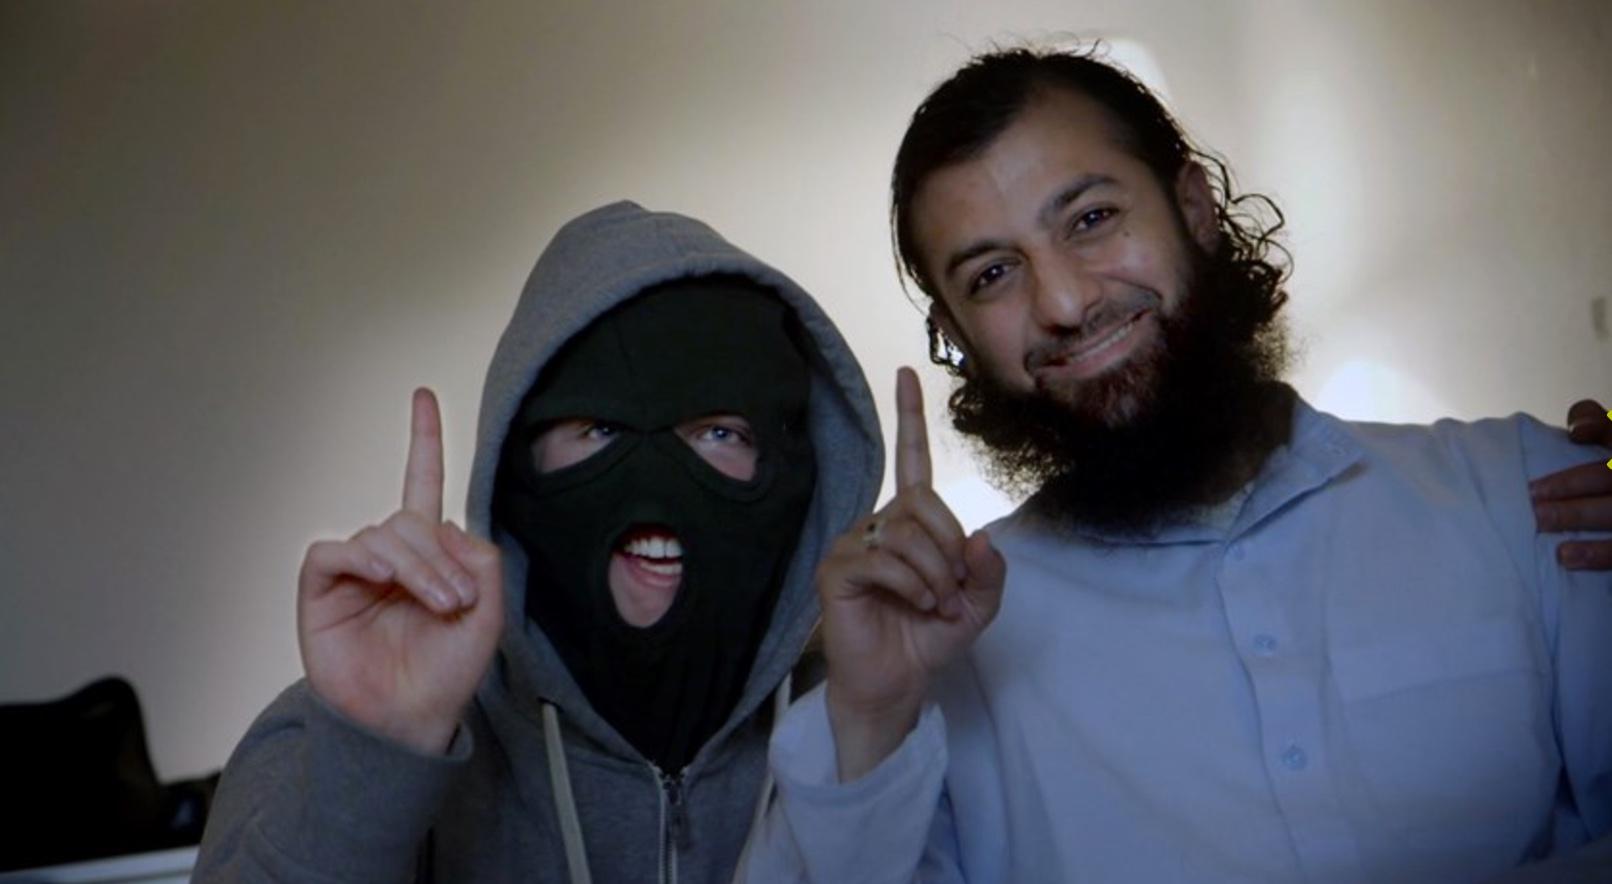 Recruiting for Jihad 2.jpeg